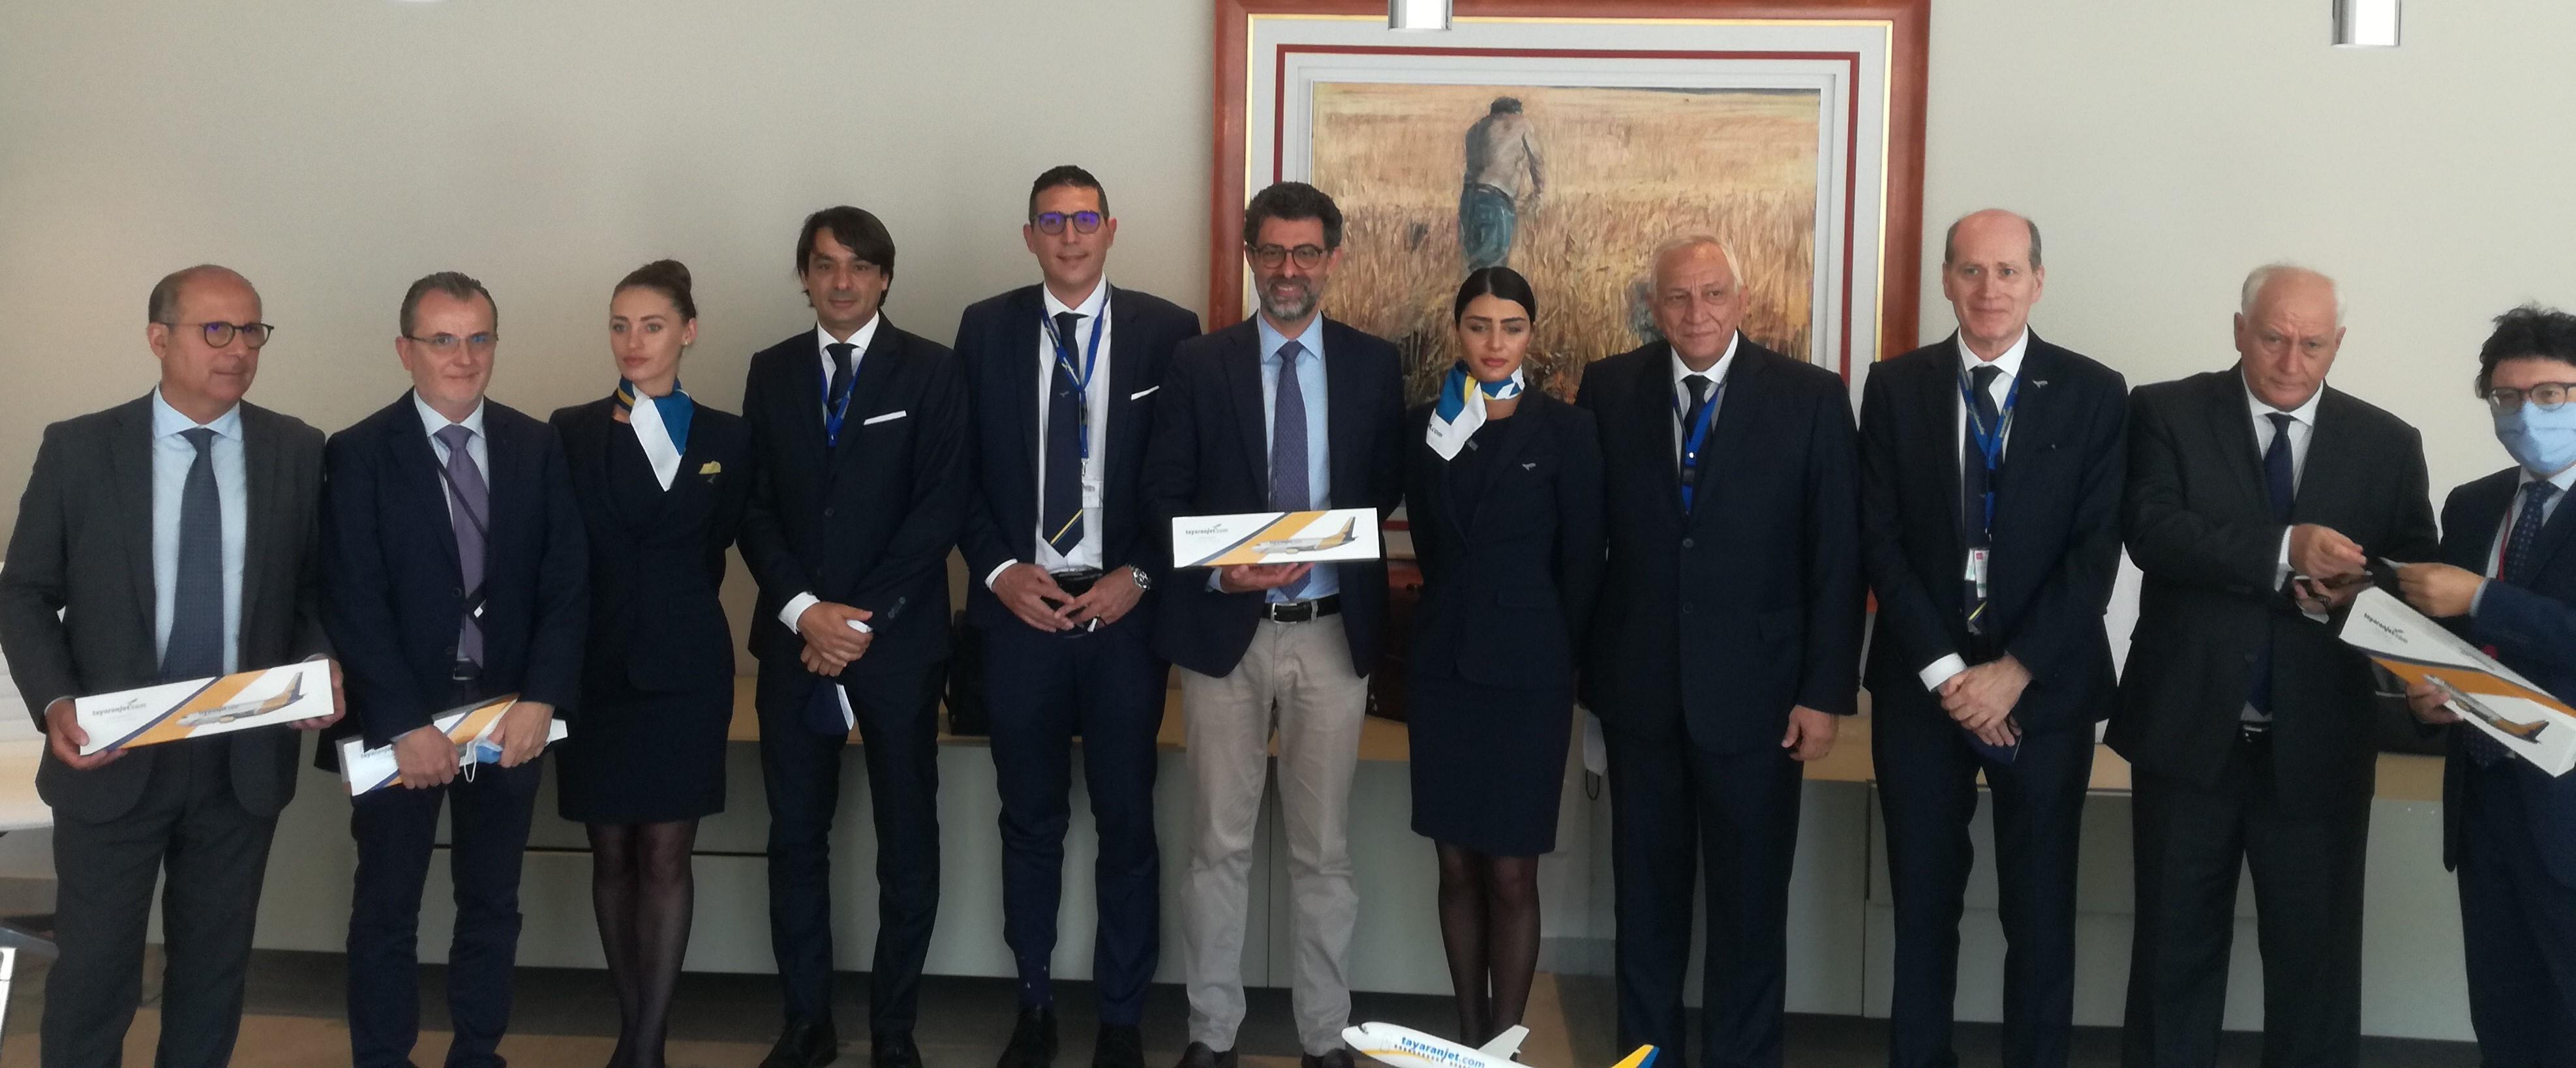 Tayaran Jet: presentate le nuove rotte da Catania, Comiso e Palermo